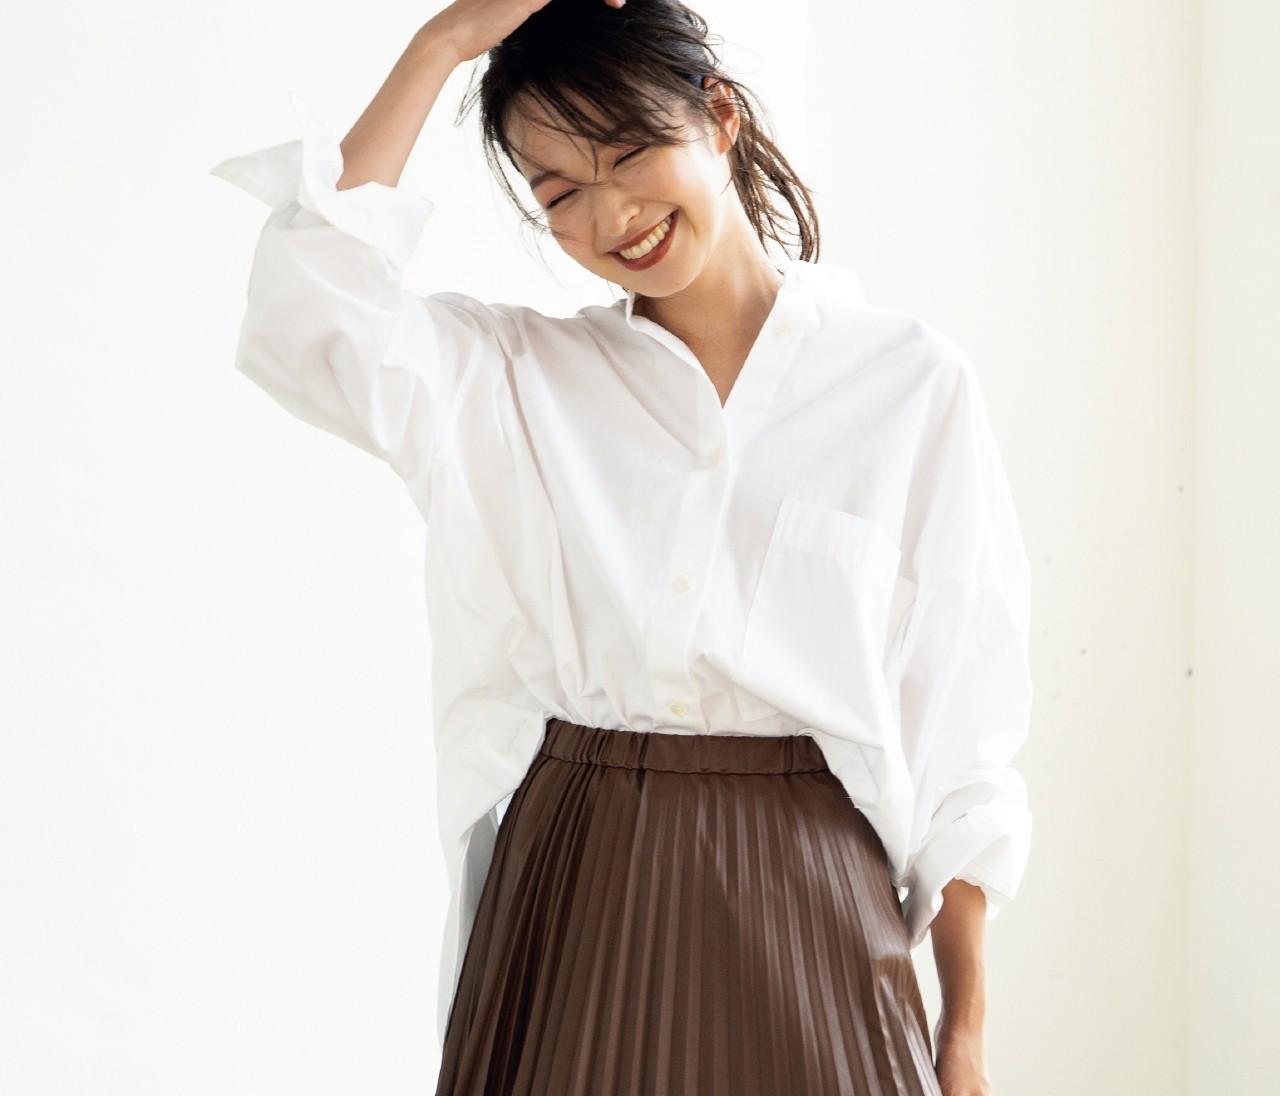 この秋エコレザーのプリーツスカートが大ヒットの予感!着こなしのコツをおしゃれプロが伝授!